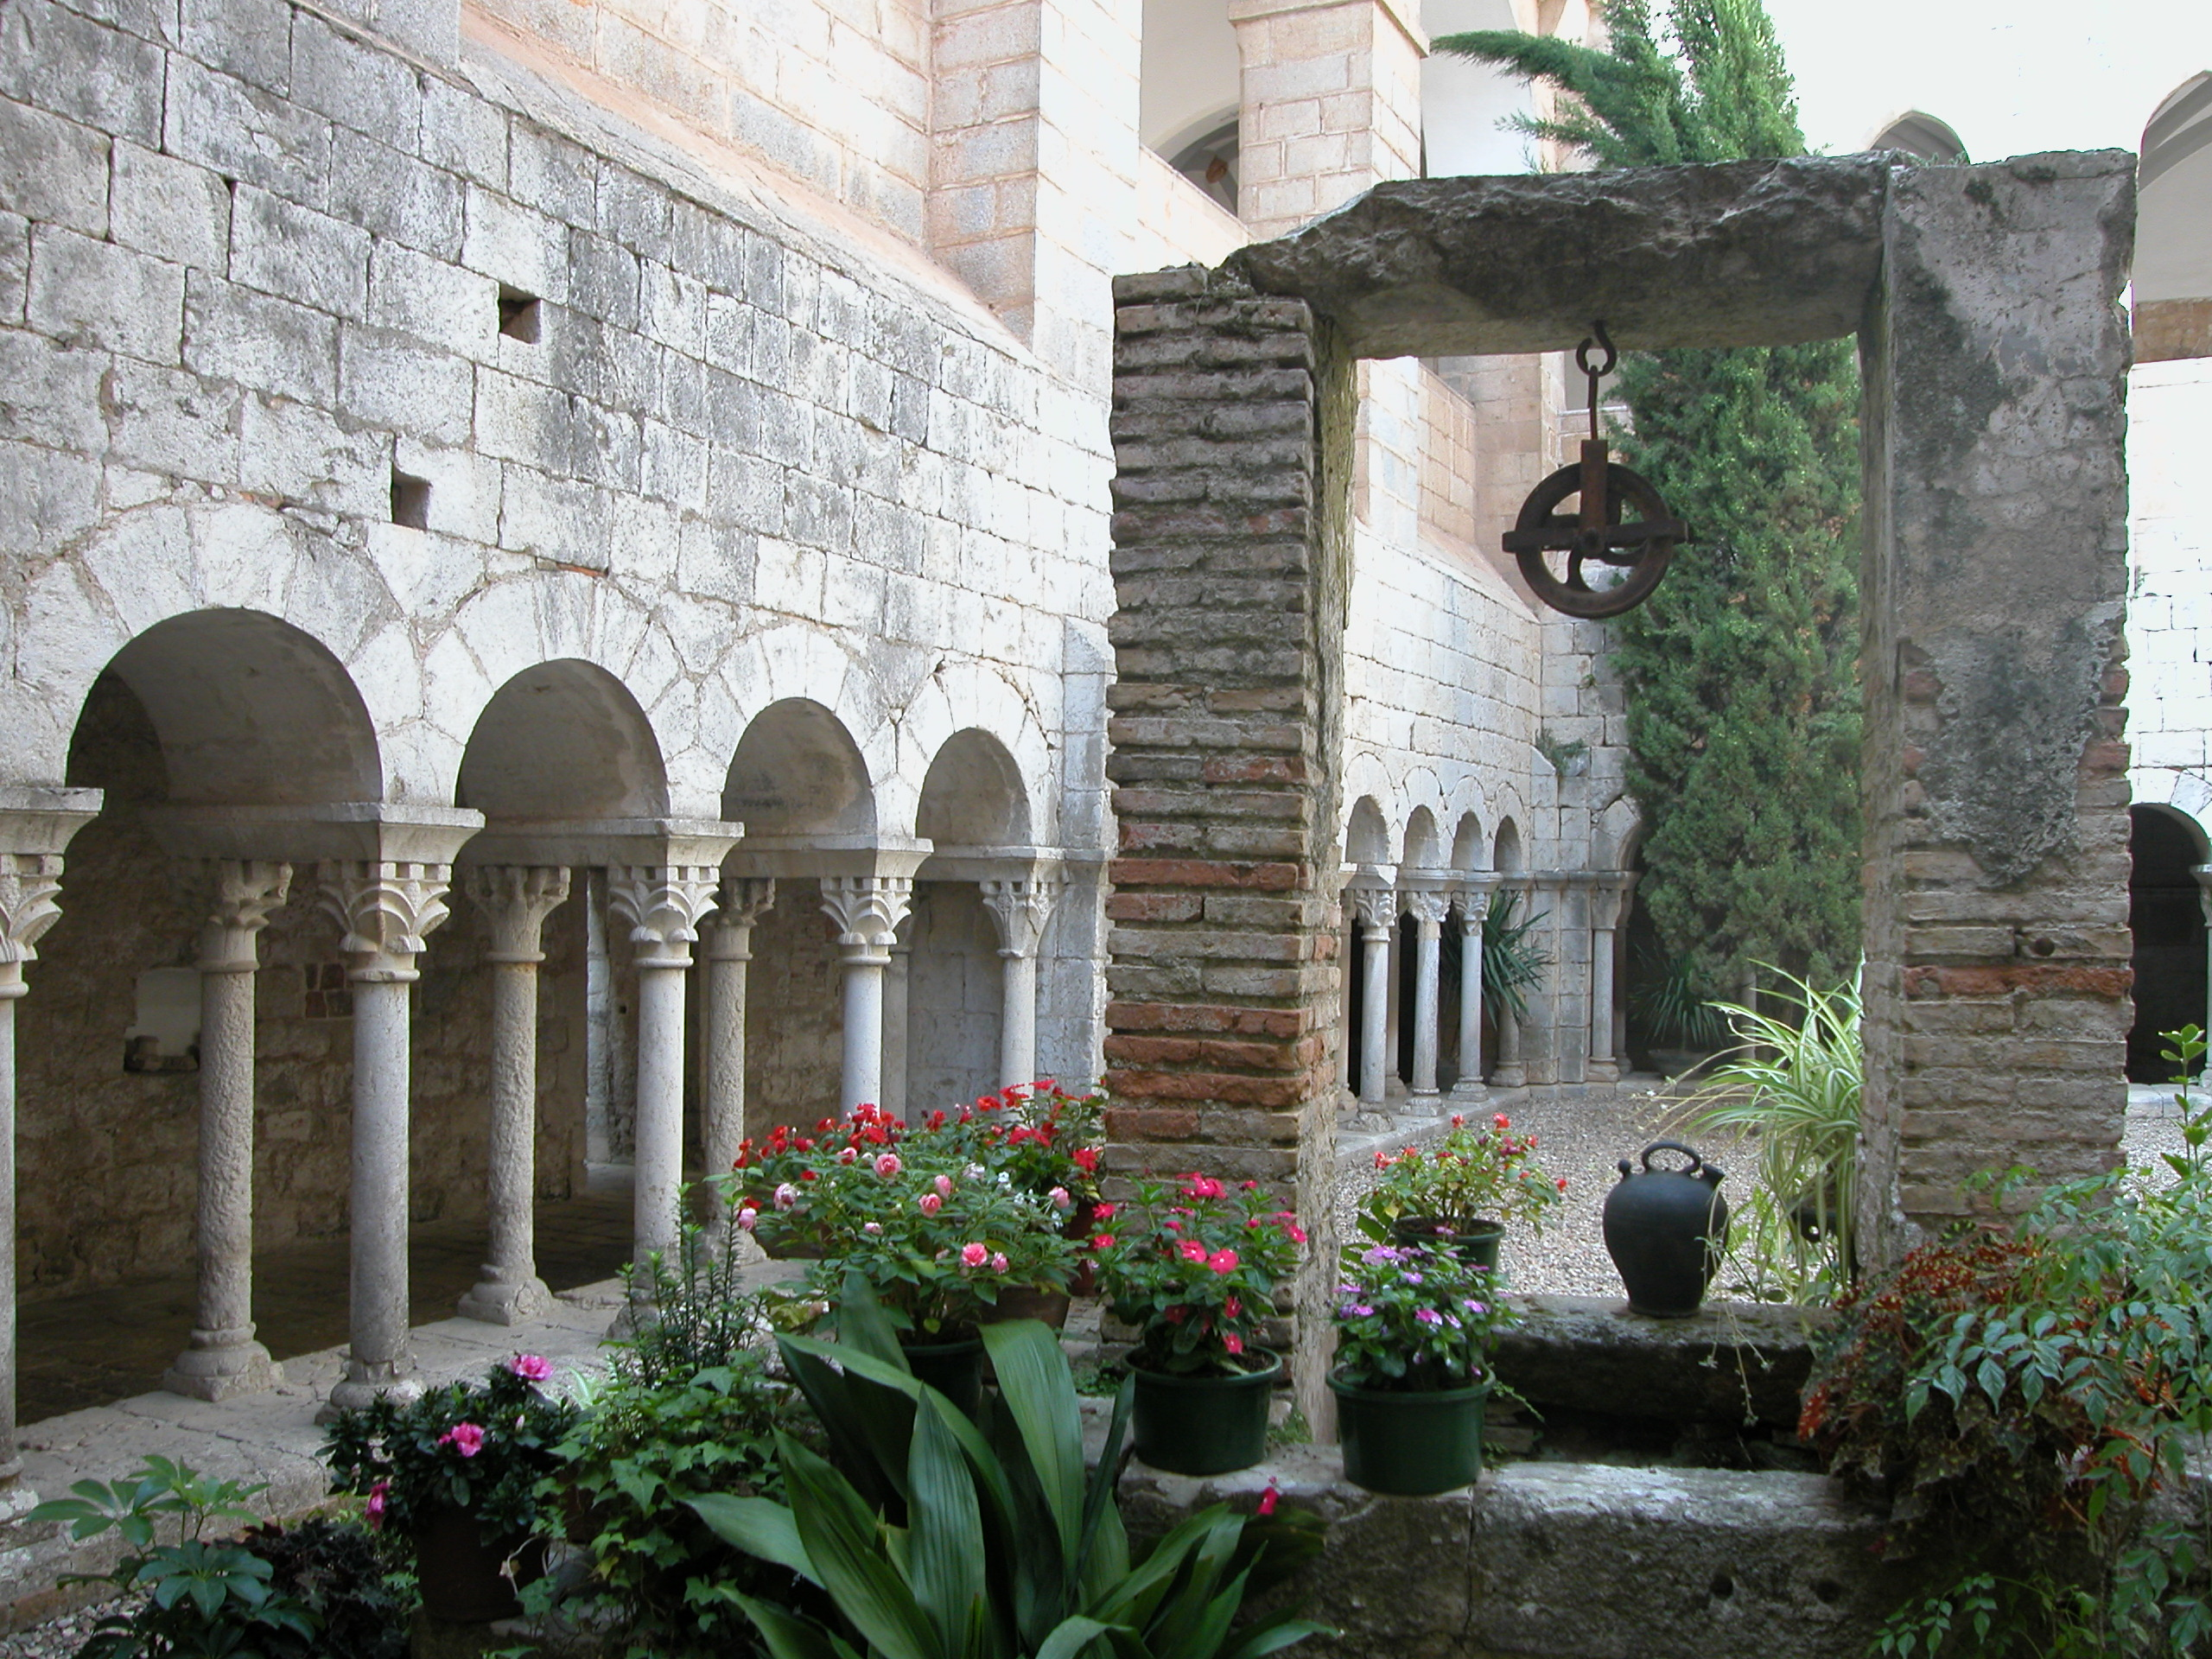 A l'entrada de Girona a les Gavarres trobem un dels monestirs benedictincs més antics de Catalunya. La imatge ens mostra el claustre del cenobi, amb la seva doble arcuació de columnes amb els capitells amb motius vegetals. En el primer terme hi ha el pou d'aigua amb la politja i un càntir.